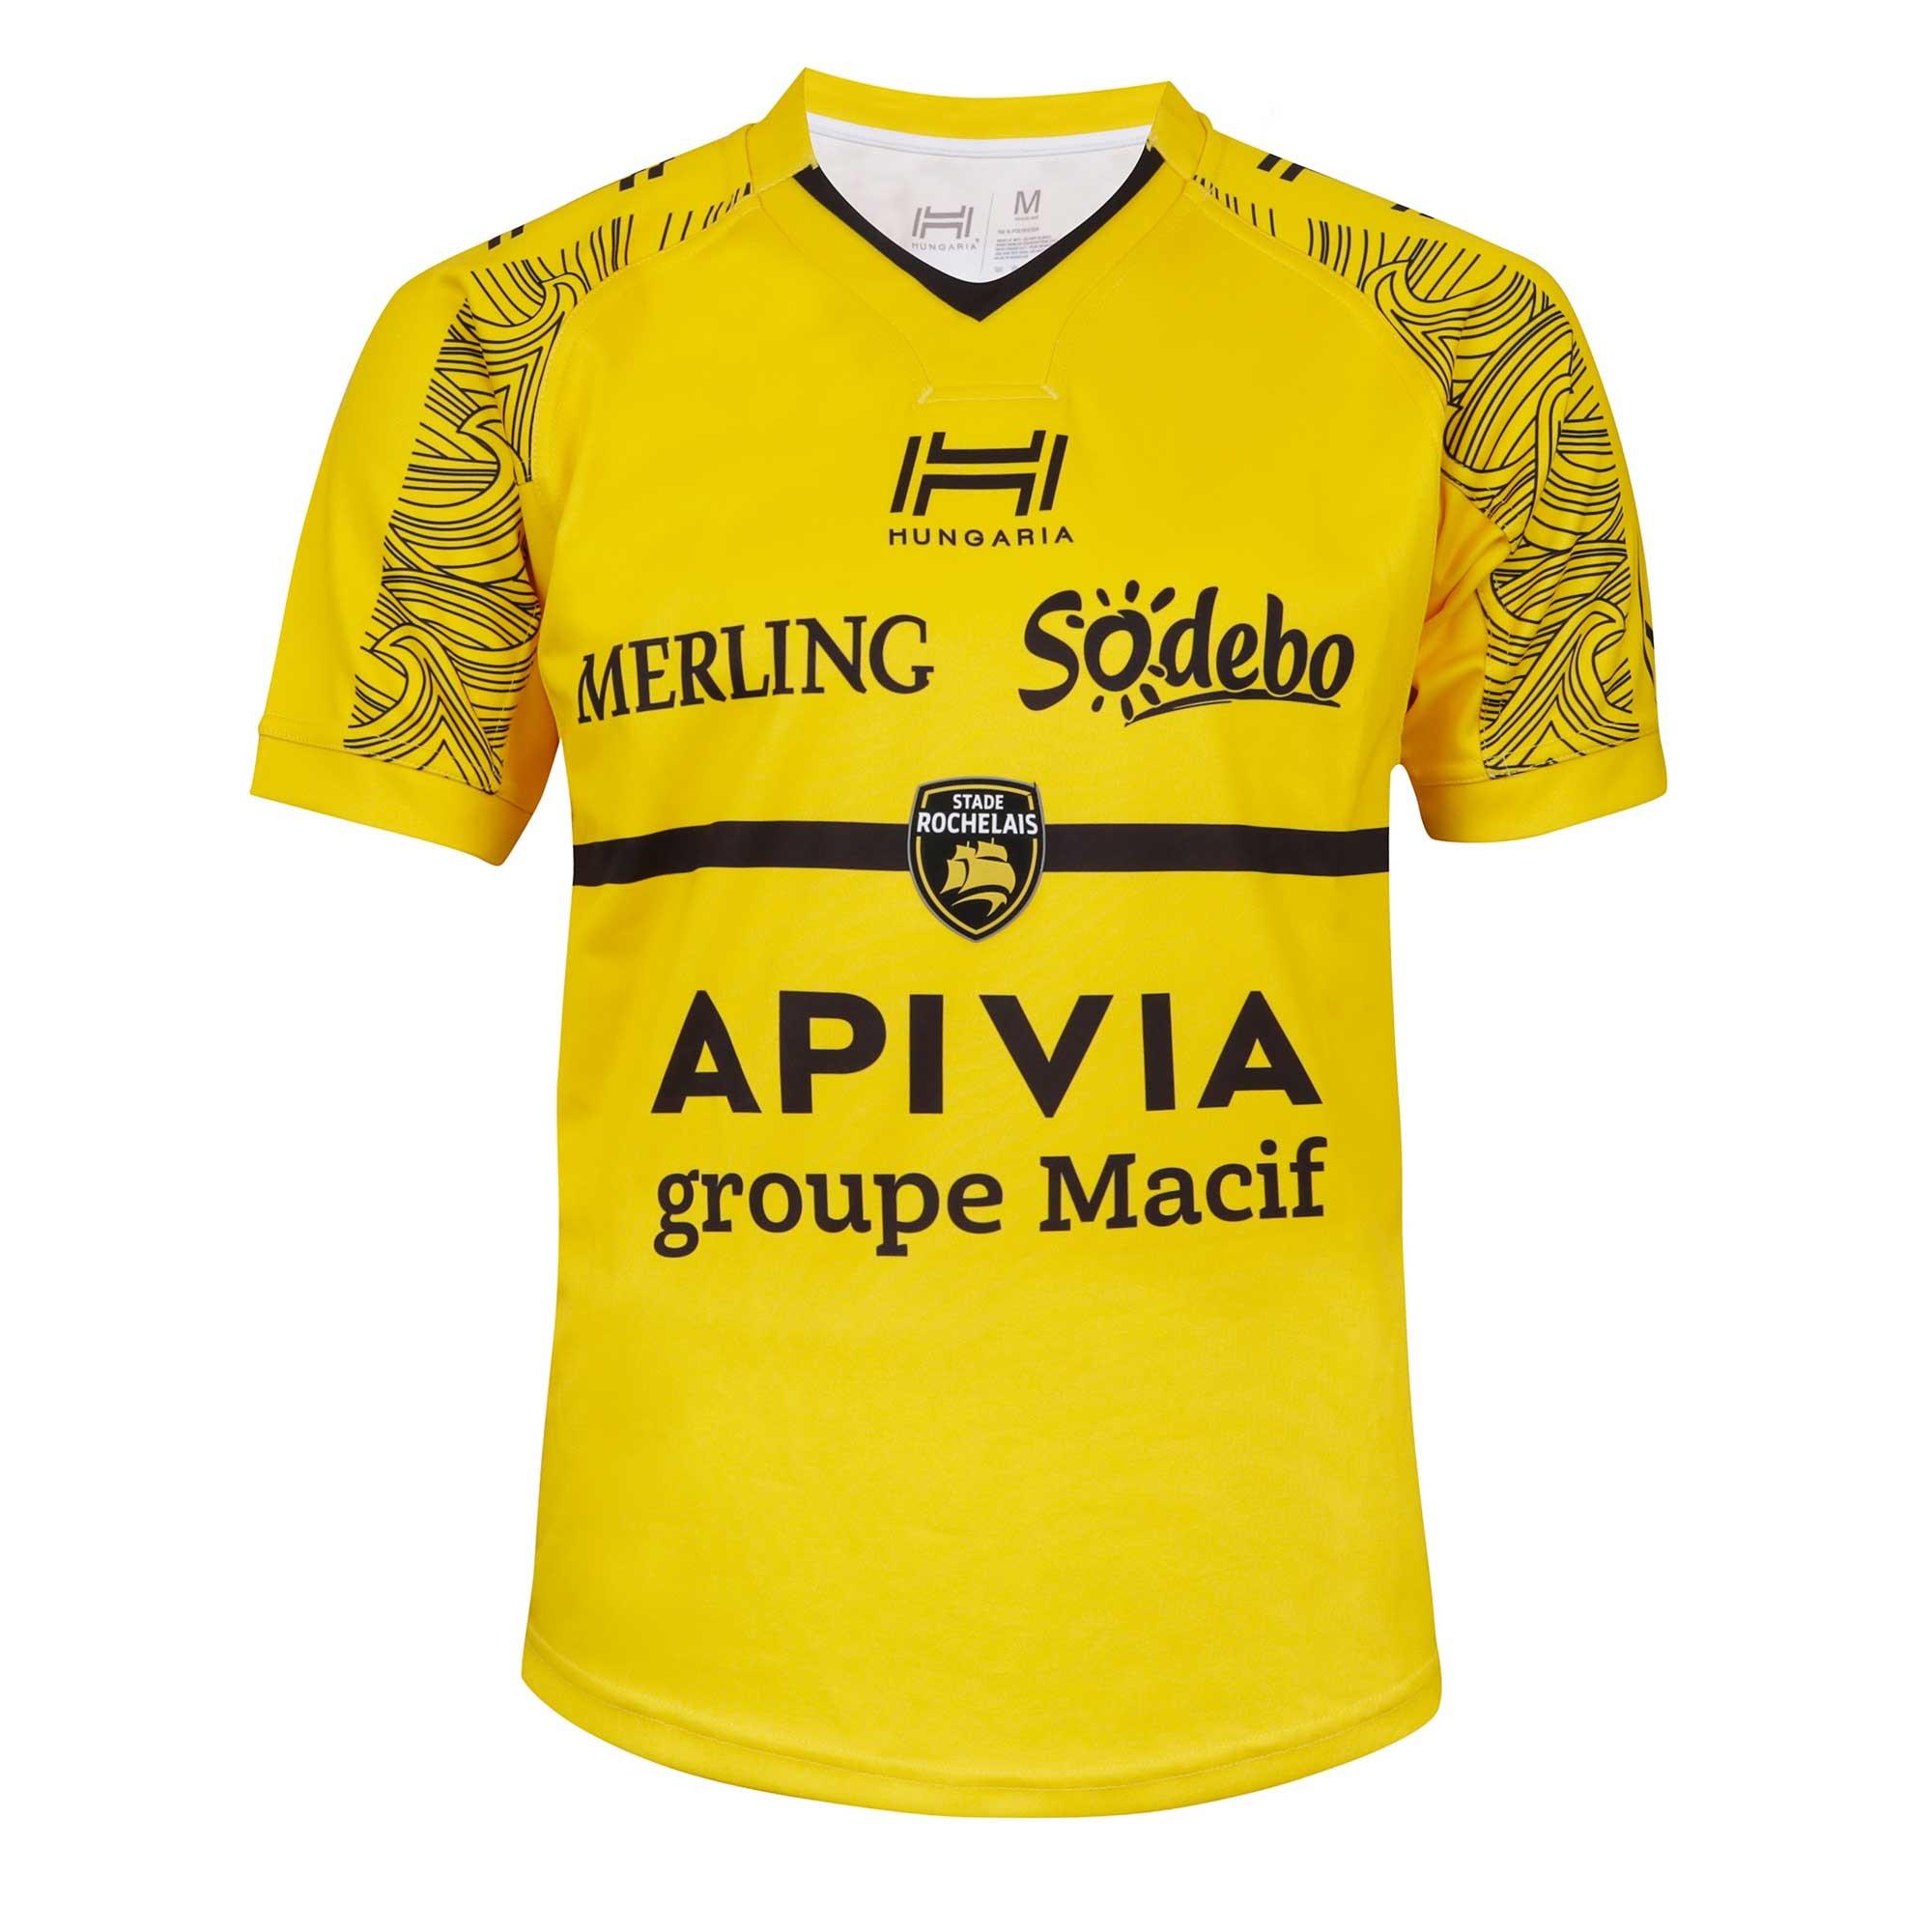 Maillot Rugby Extérieur 2019 2020 La Rochelle Hungaria